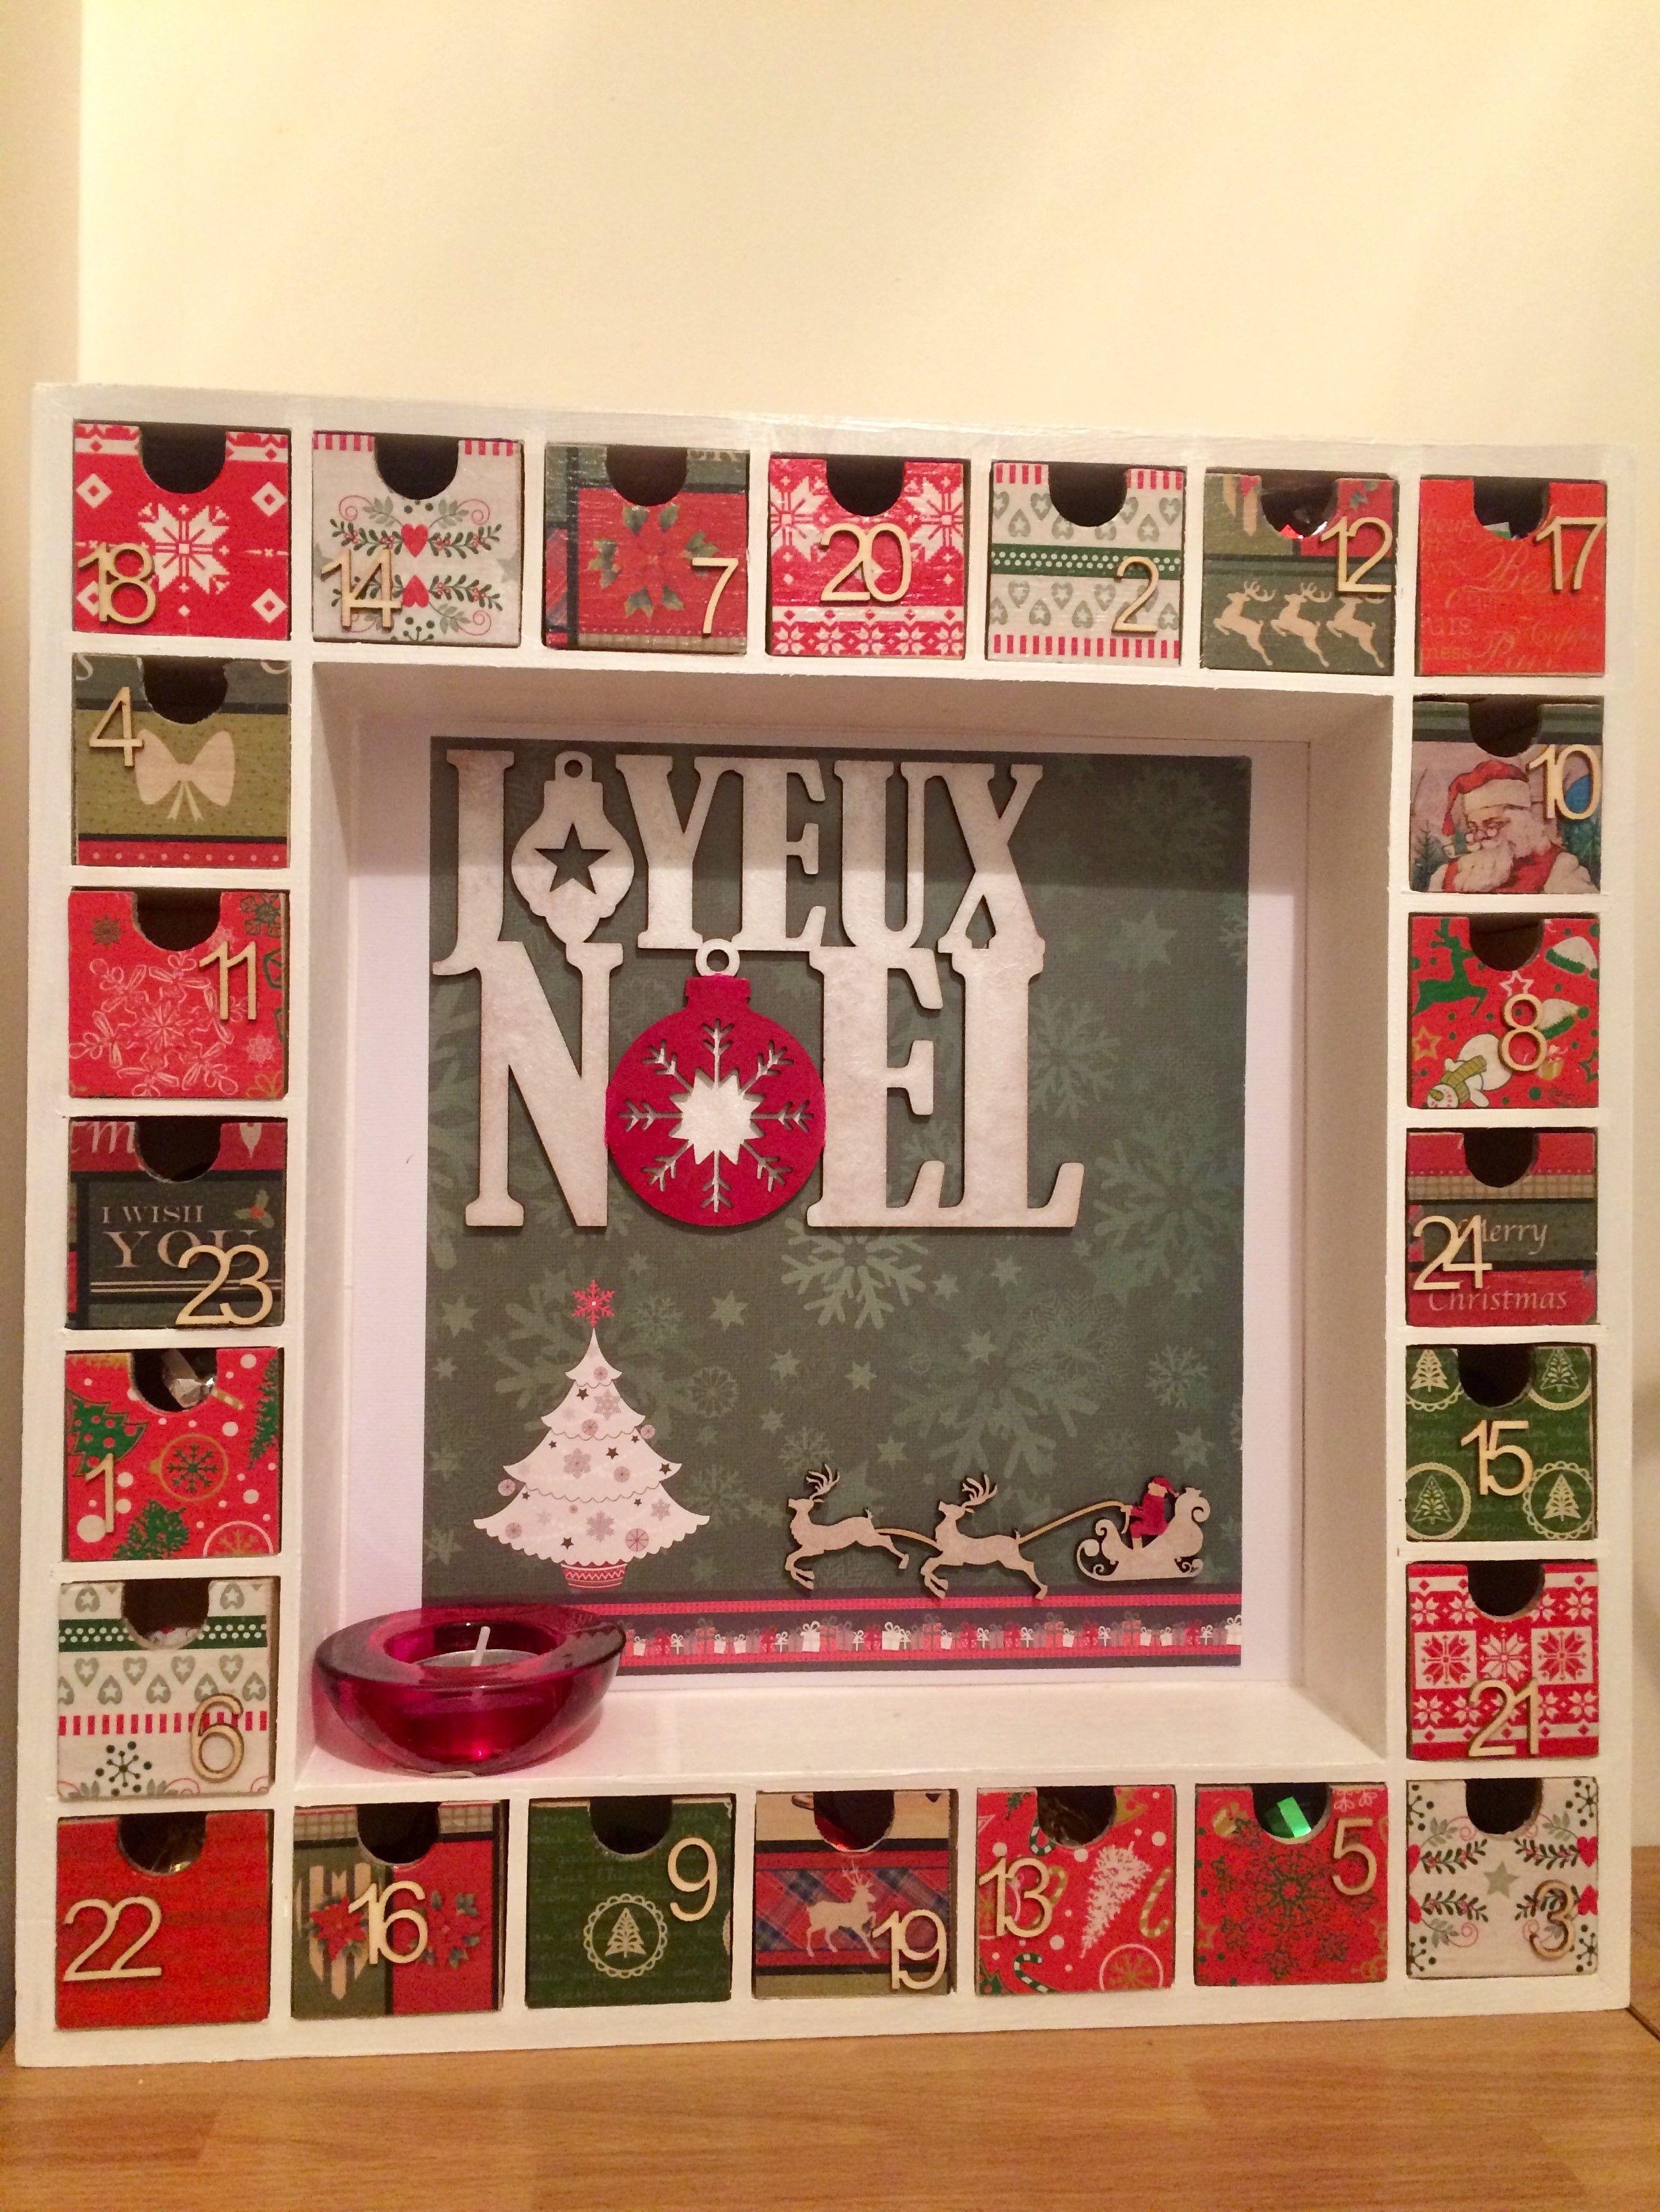 Decoration Calendrier De L Avent En Bois.Calendrier De L Avent En Bois Advent Calendar Calendrier